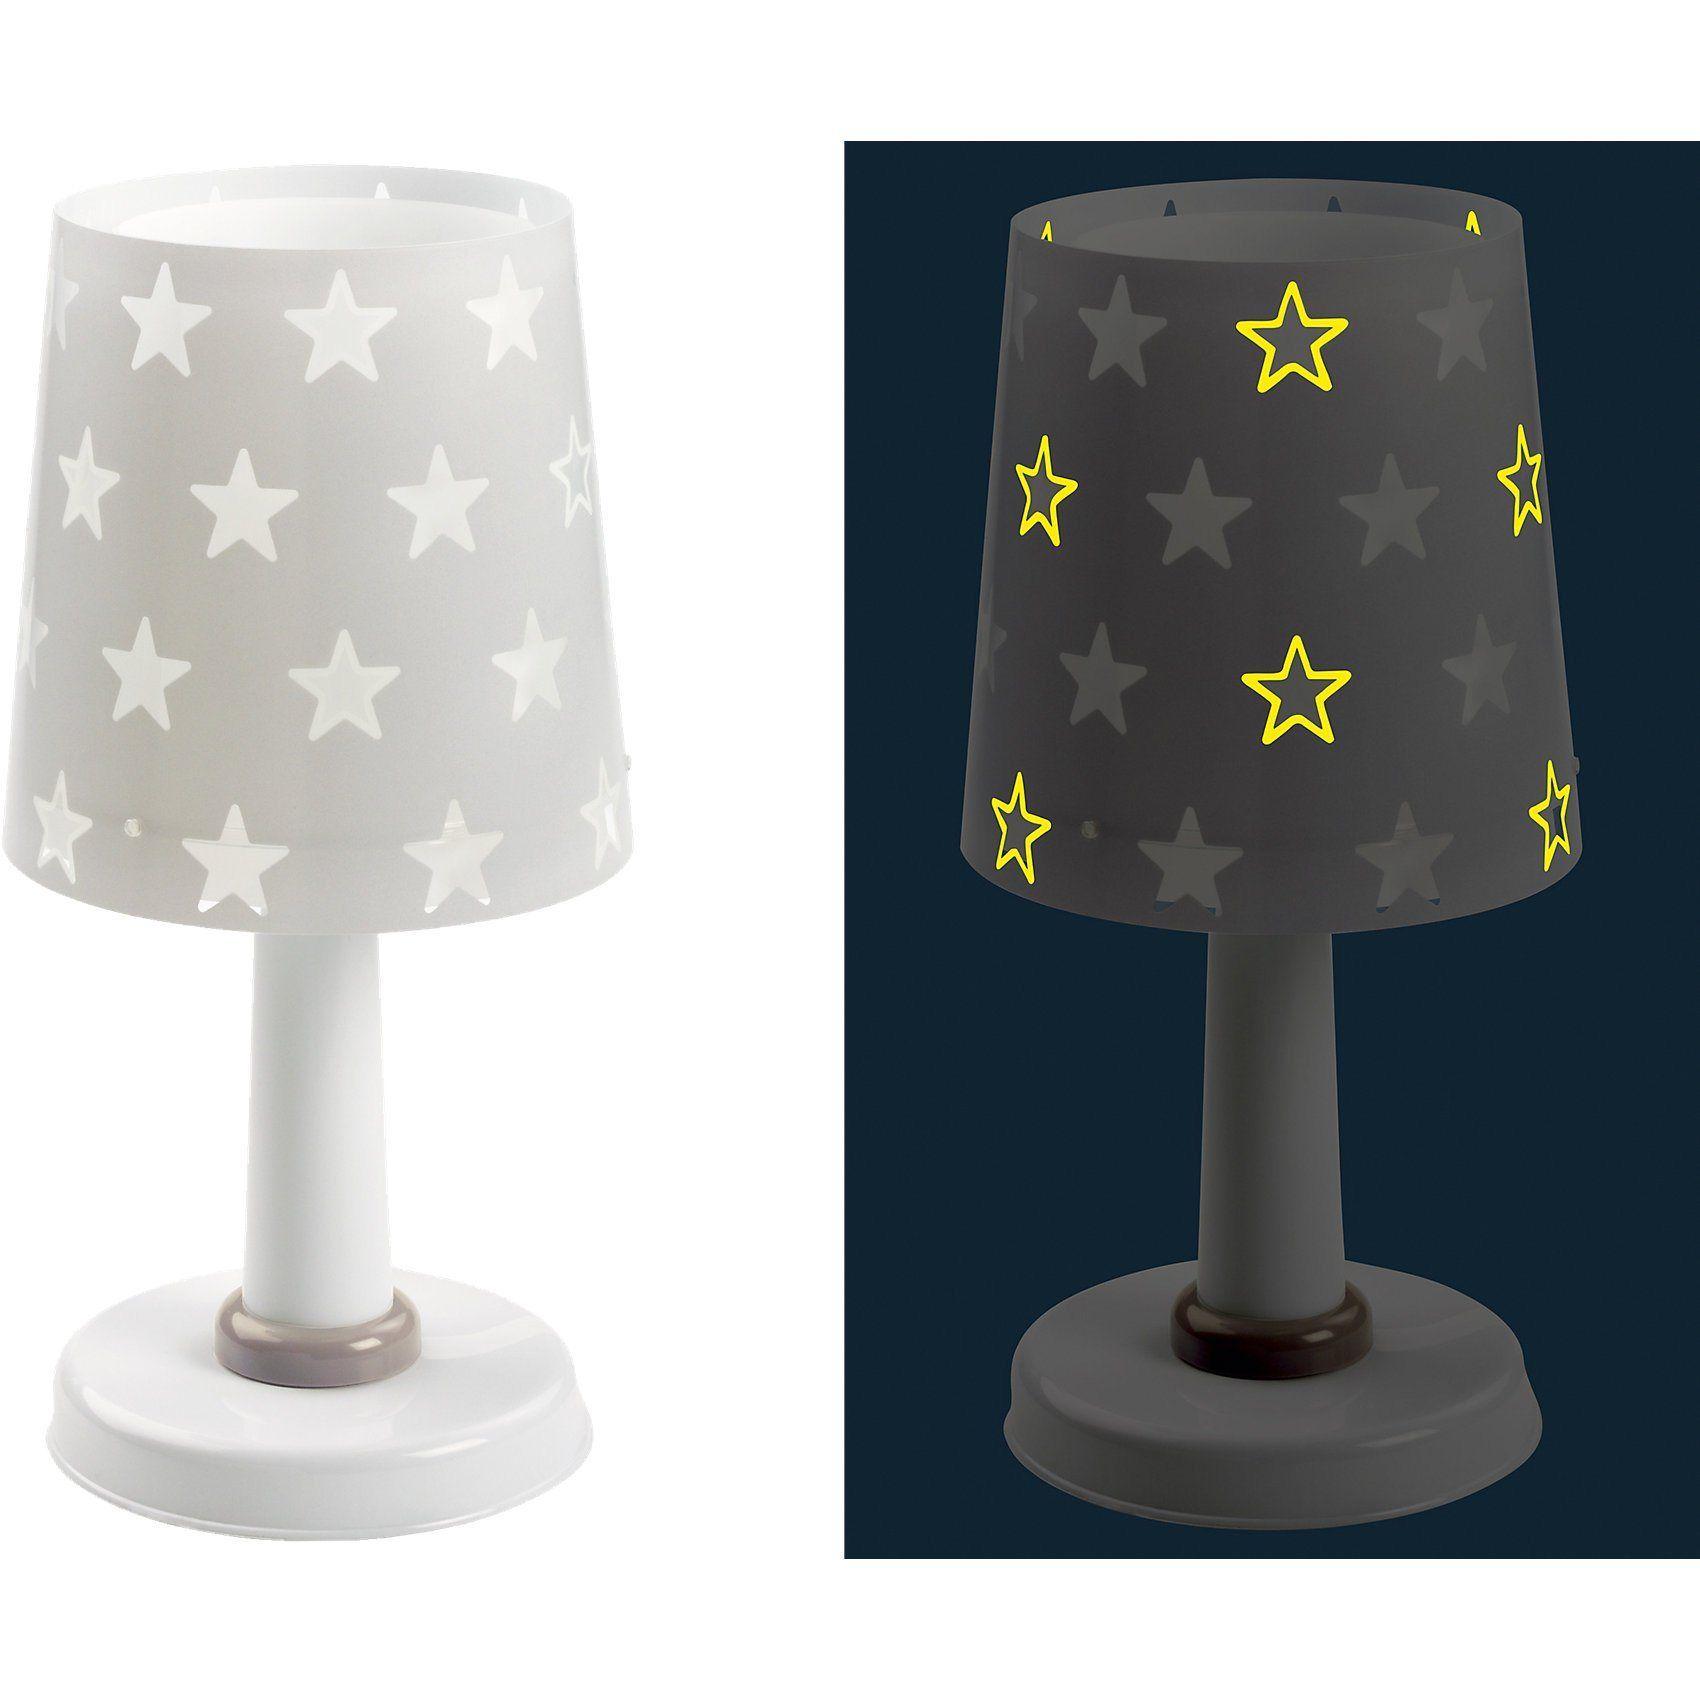 Dalber Tischlampe STARS, Glow in the dark, grau Jetzt bestellen ...